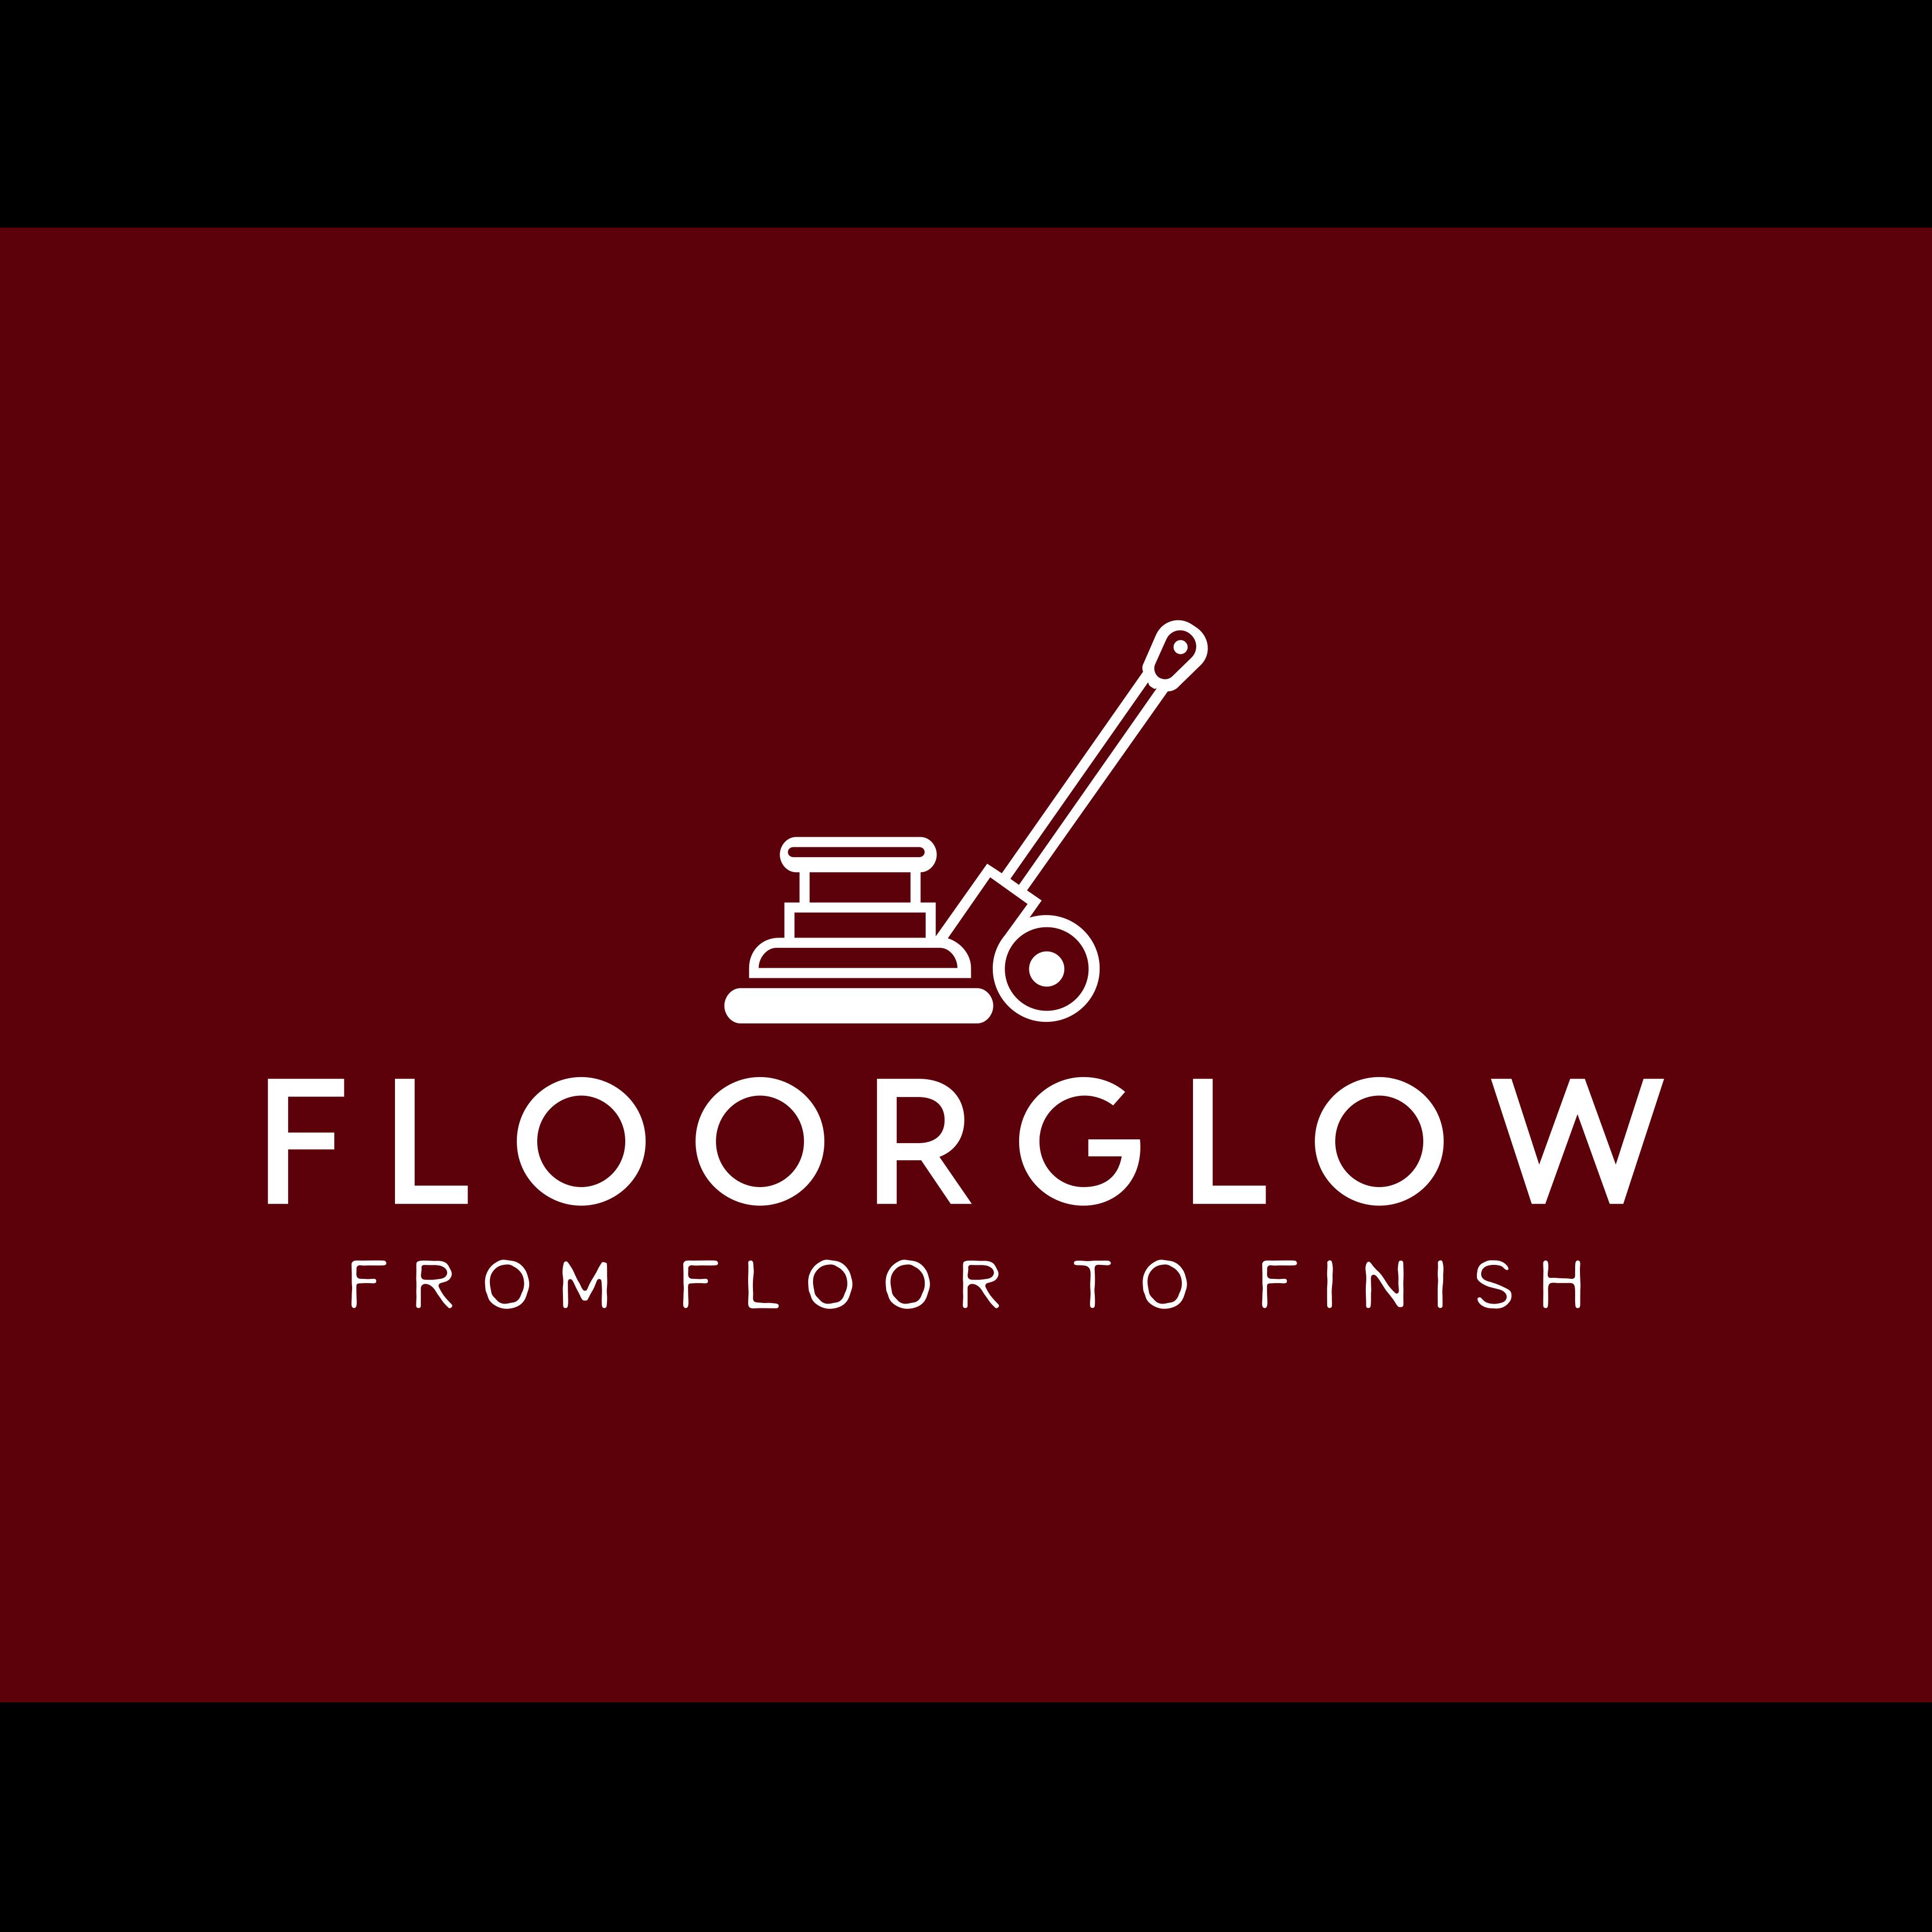 FloorGLOW